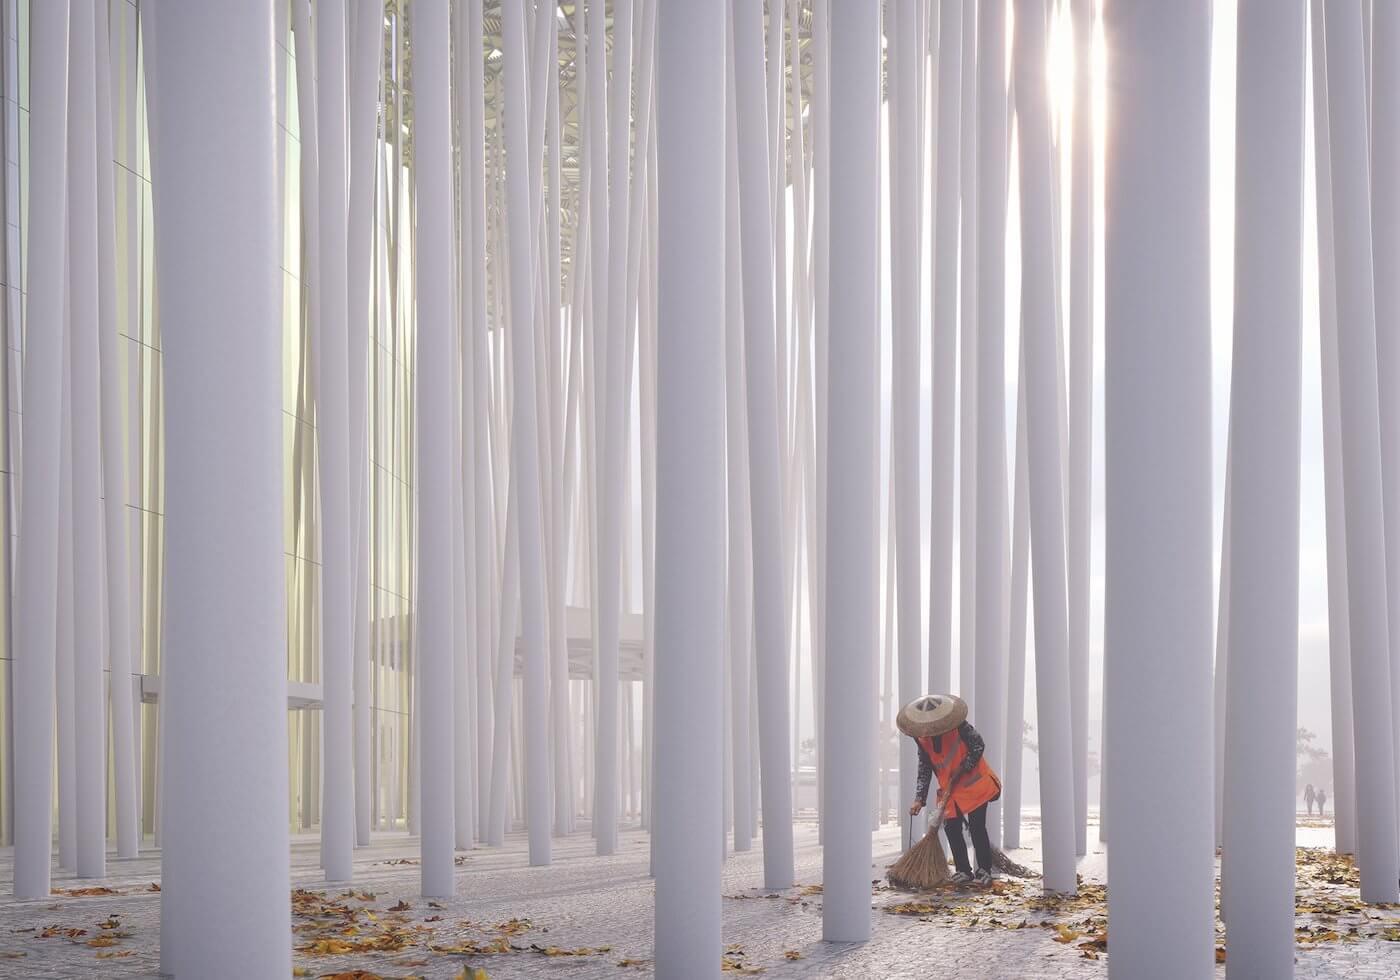 Phase Italia Blog - Il teatro ispirato ad una foresta di bambù - vista delle colonne dall'interno